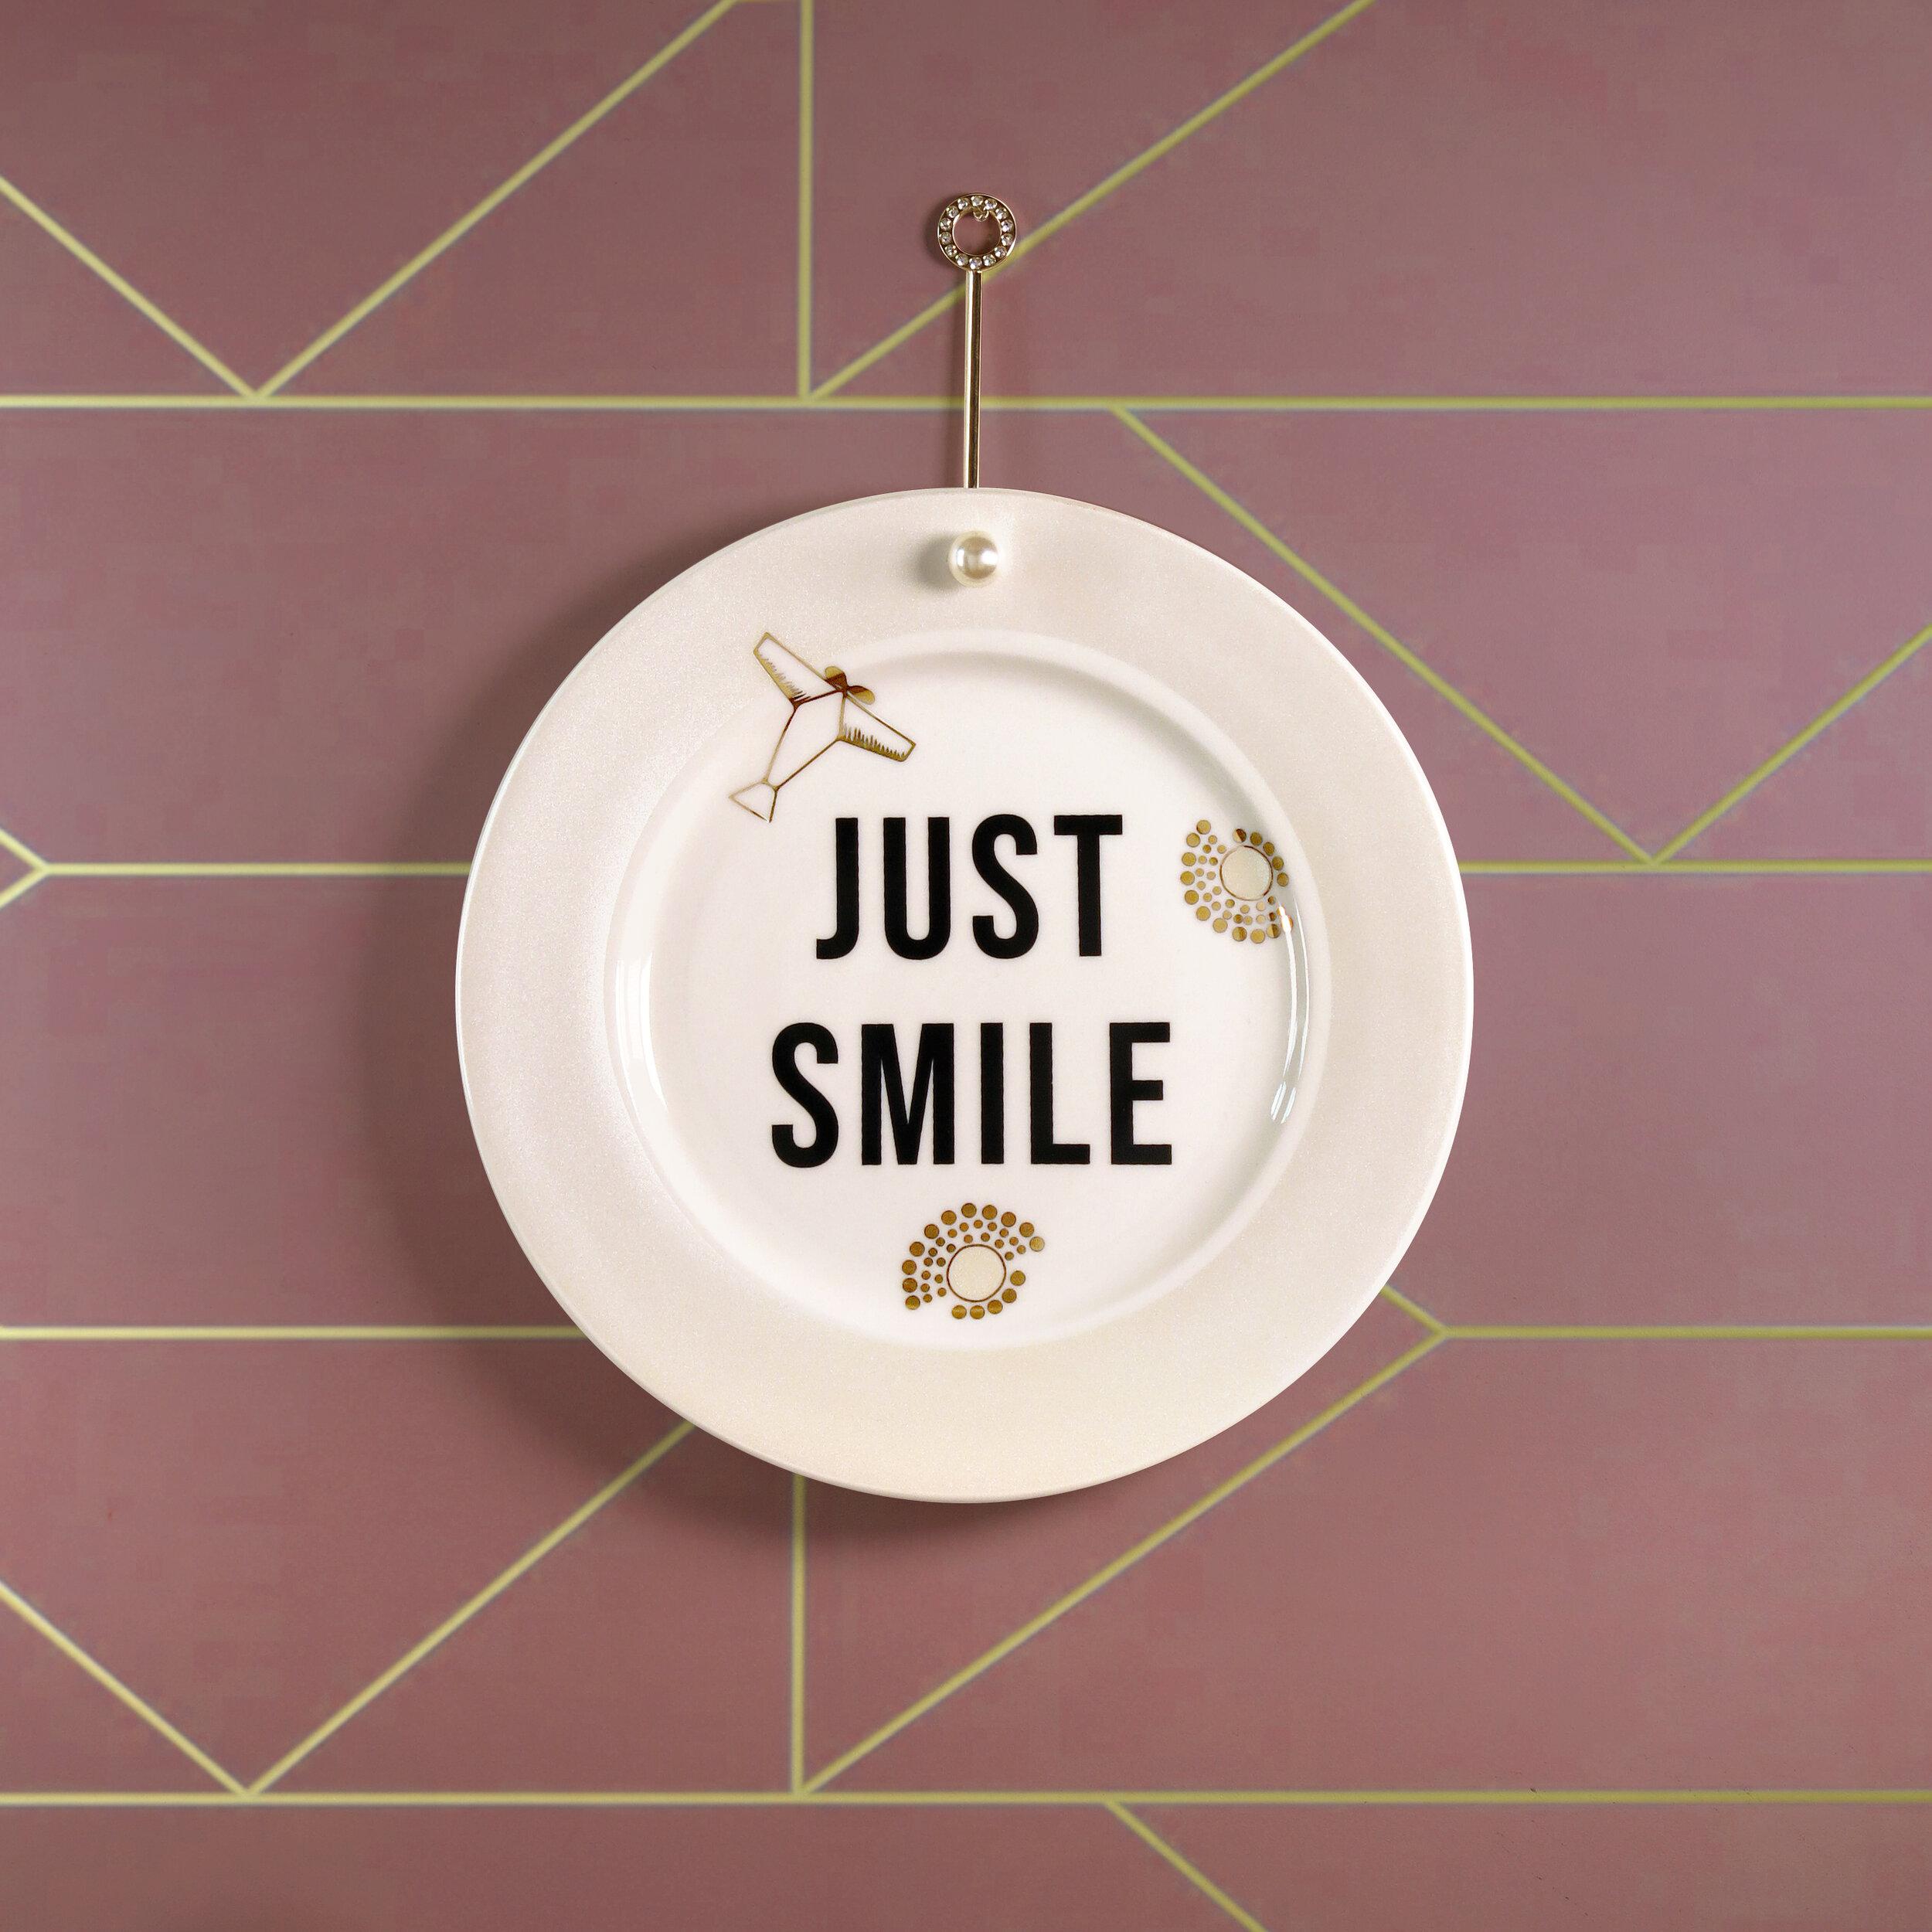 just_smile_still_01.jpg